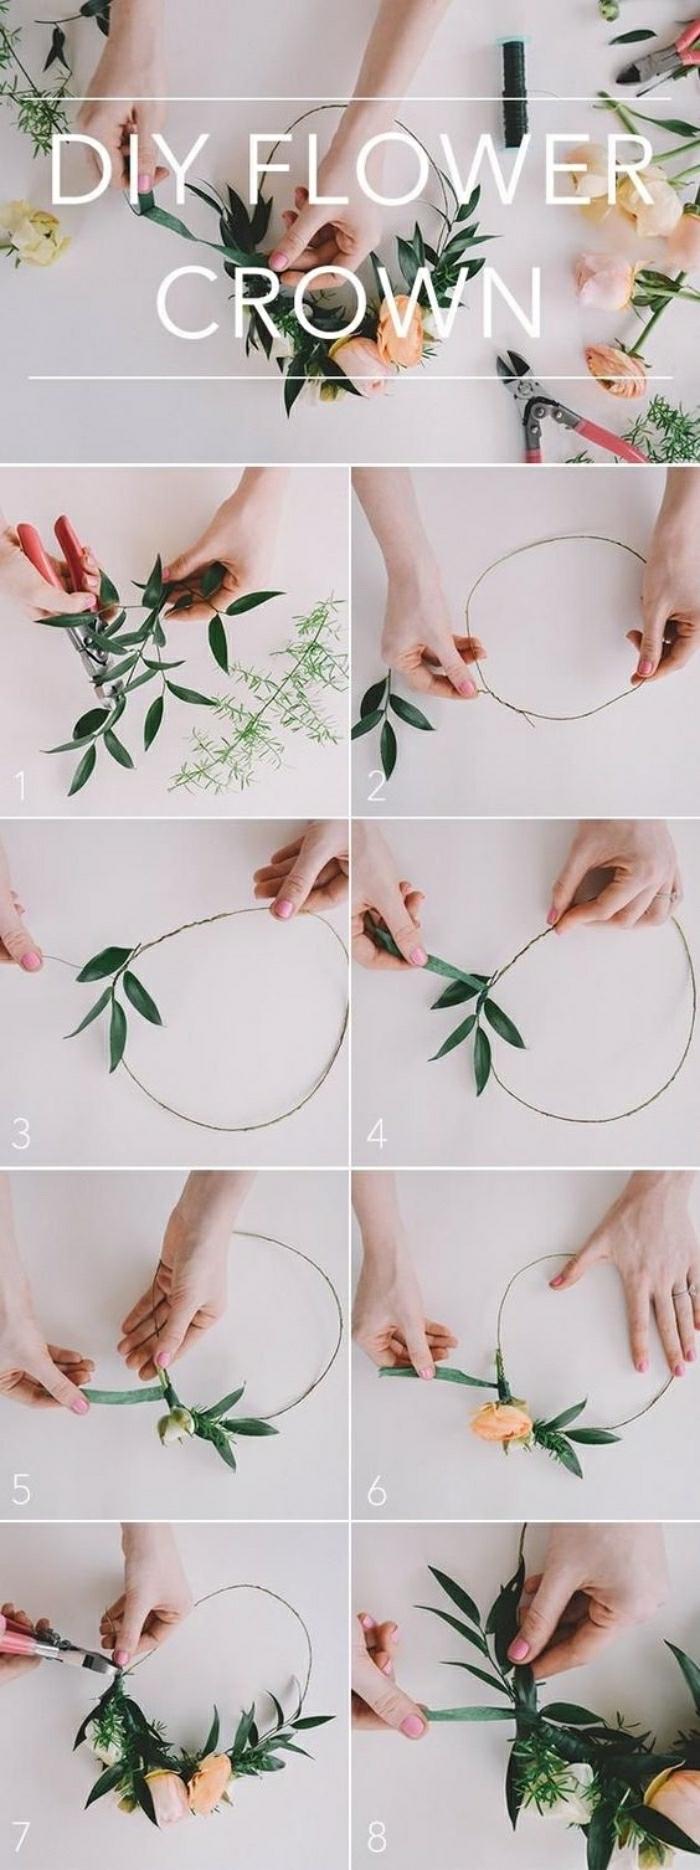 Lavori artigianali fai da te con filo di ferro e fiori finti per realizzare un cerchietto floreale